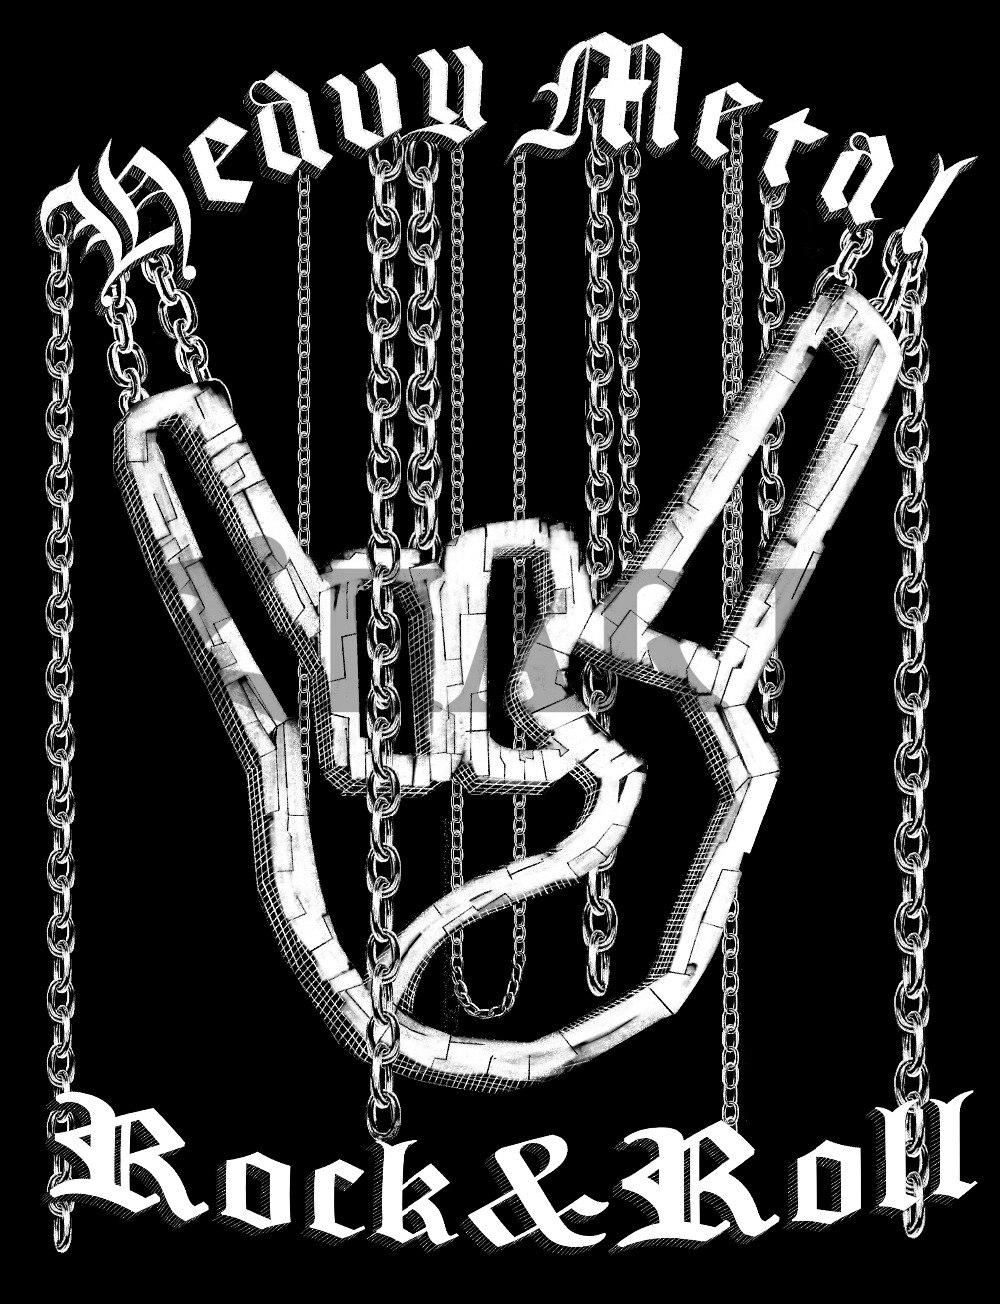 01heavy metal rock n roll